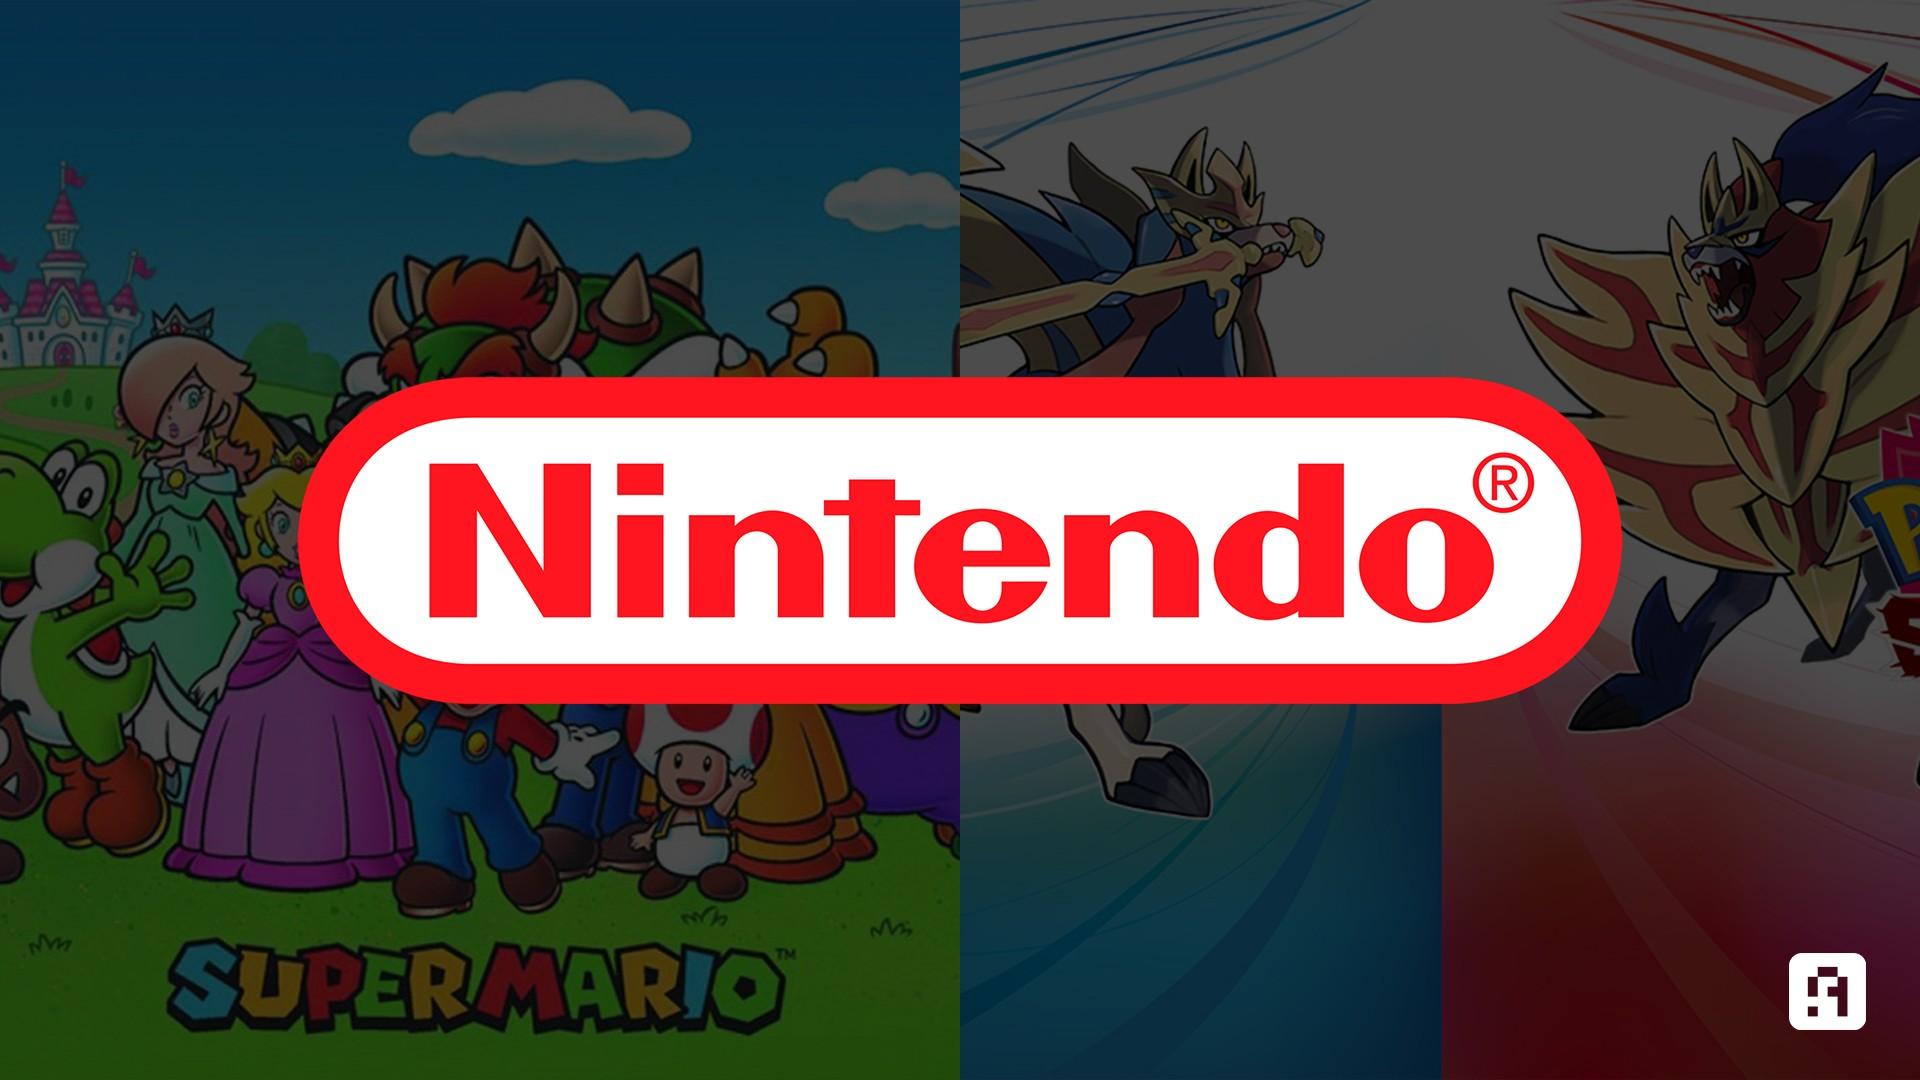 صورة شركة Nintendo تنوي في المستقبل صنع سلاسل ألعاب جديدة